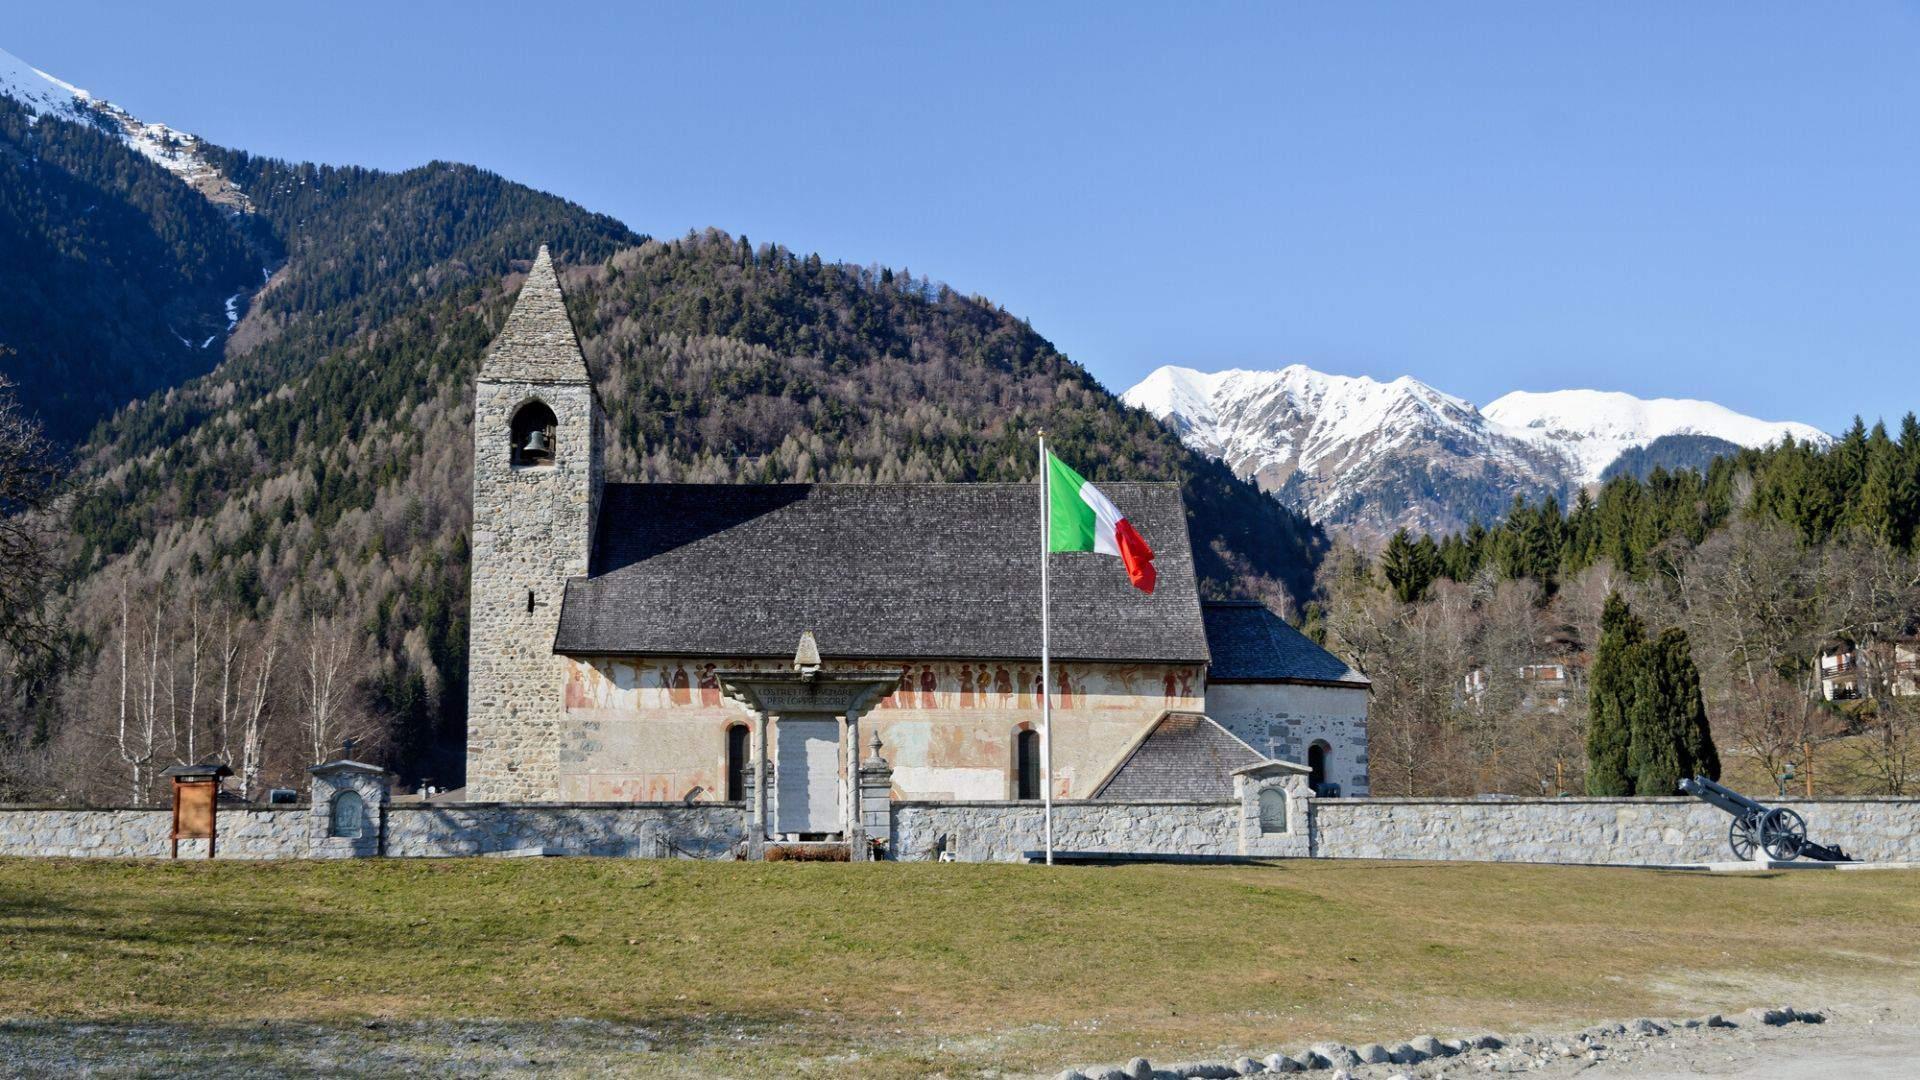 San Vigilio katalikiška bažnyčia Pinzolo kalnų kurorte